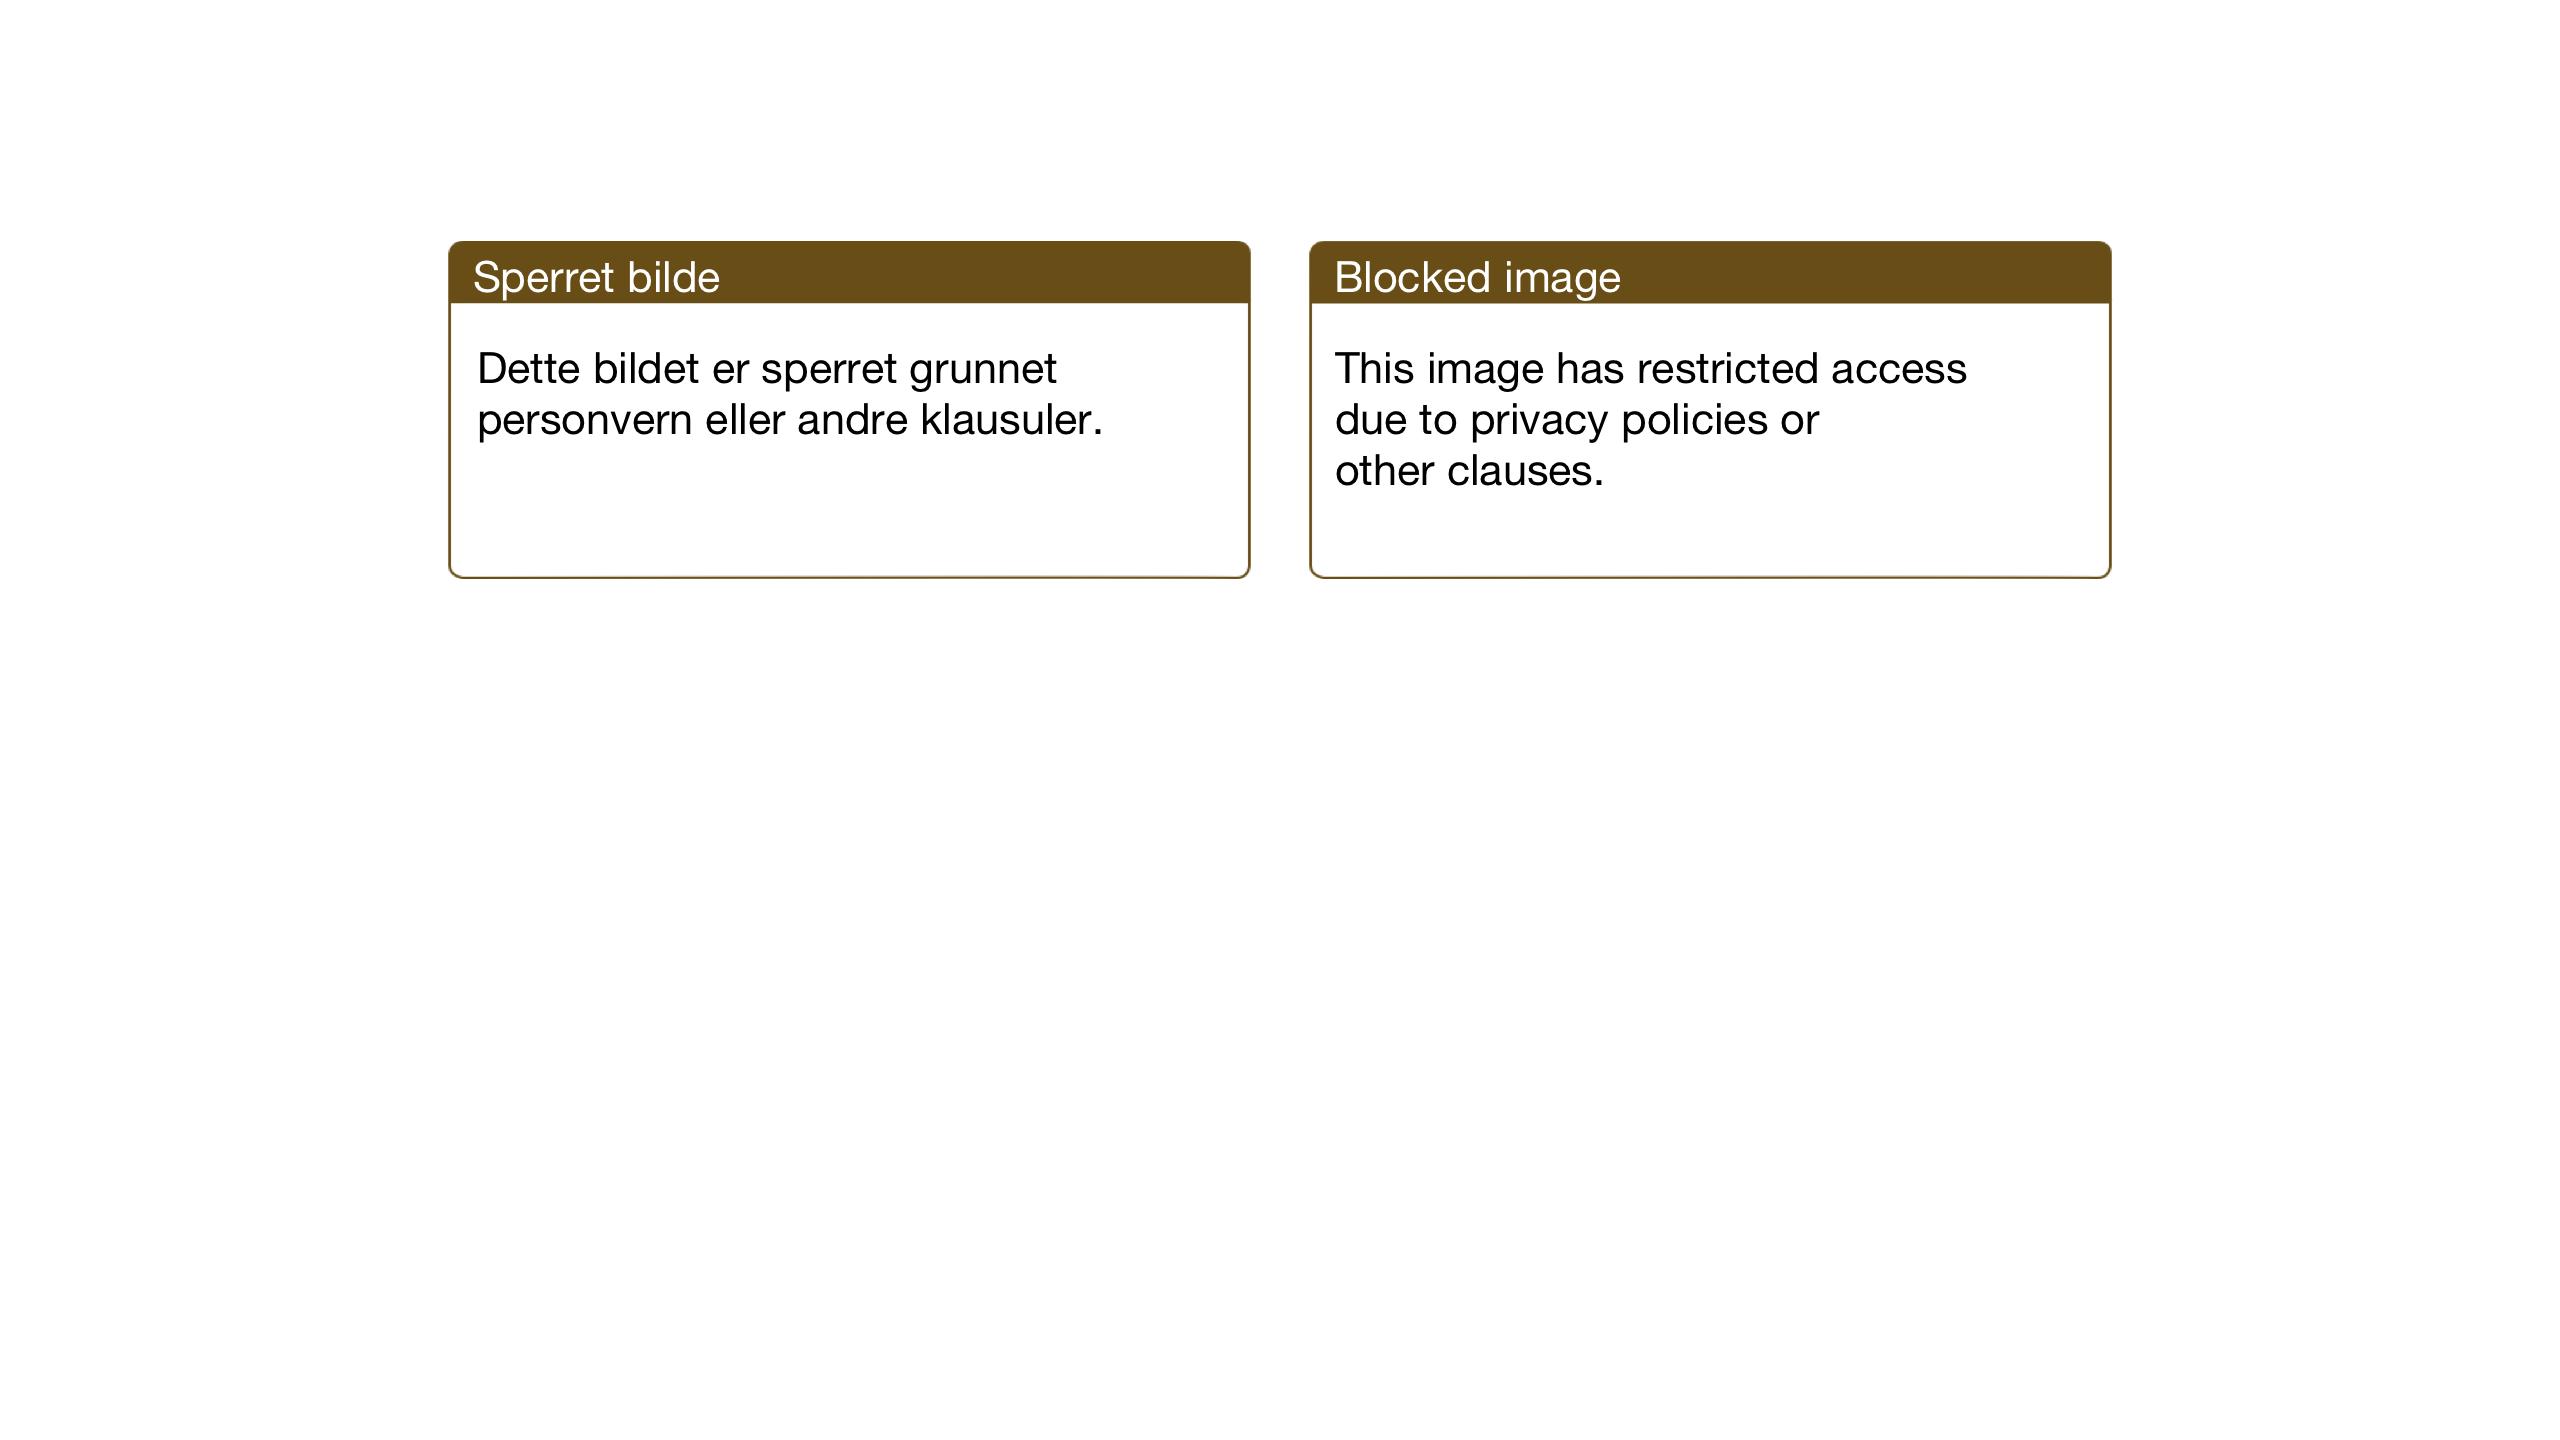 SAT, Ministerialprotokoller, klokkerbøker og fødselsregistre - Nord-Trøndelag, 749/L0480: Klokkerbok nr. 749C02, 1924-1932, s. 51